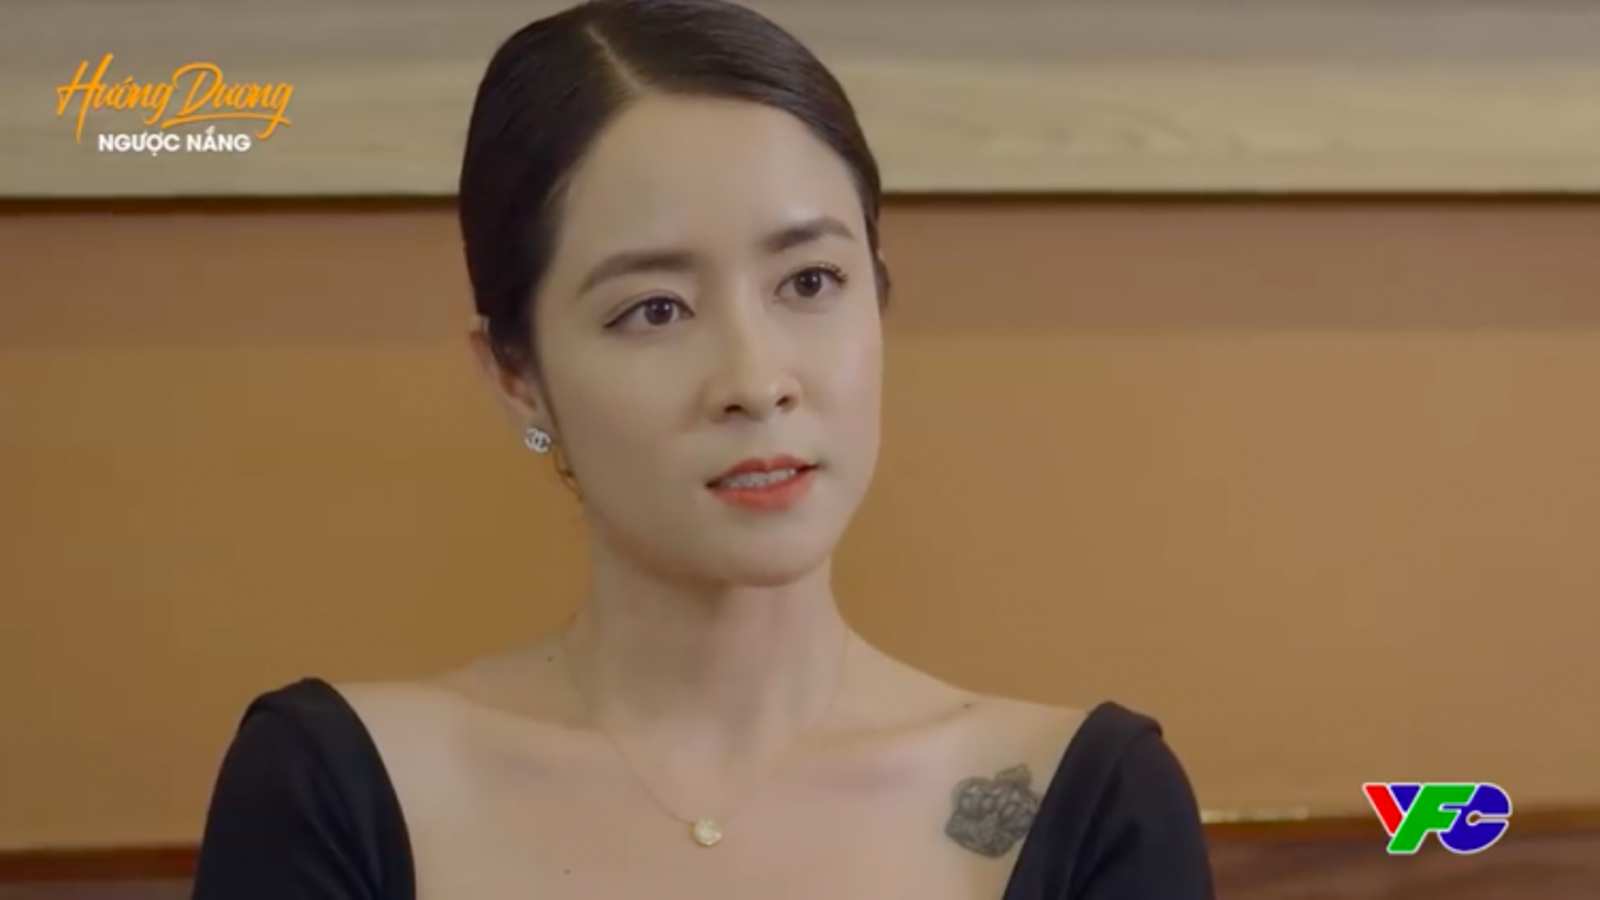 """""""Hướng dương ngược nắng"""" tập 64: Mẹ bé Cami nói rõ với Minh về mối quan hệ với Hoàng"""